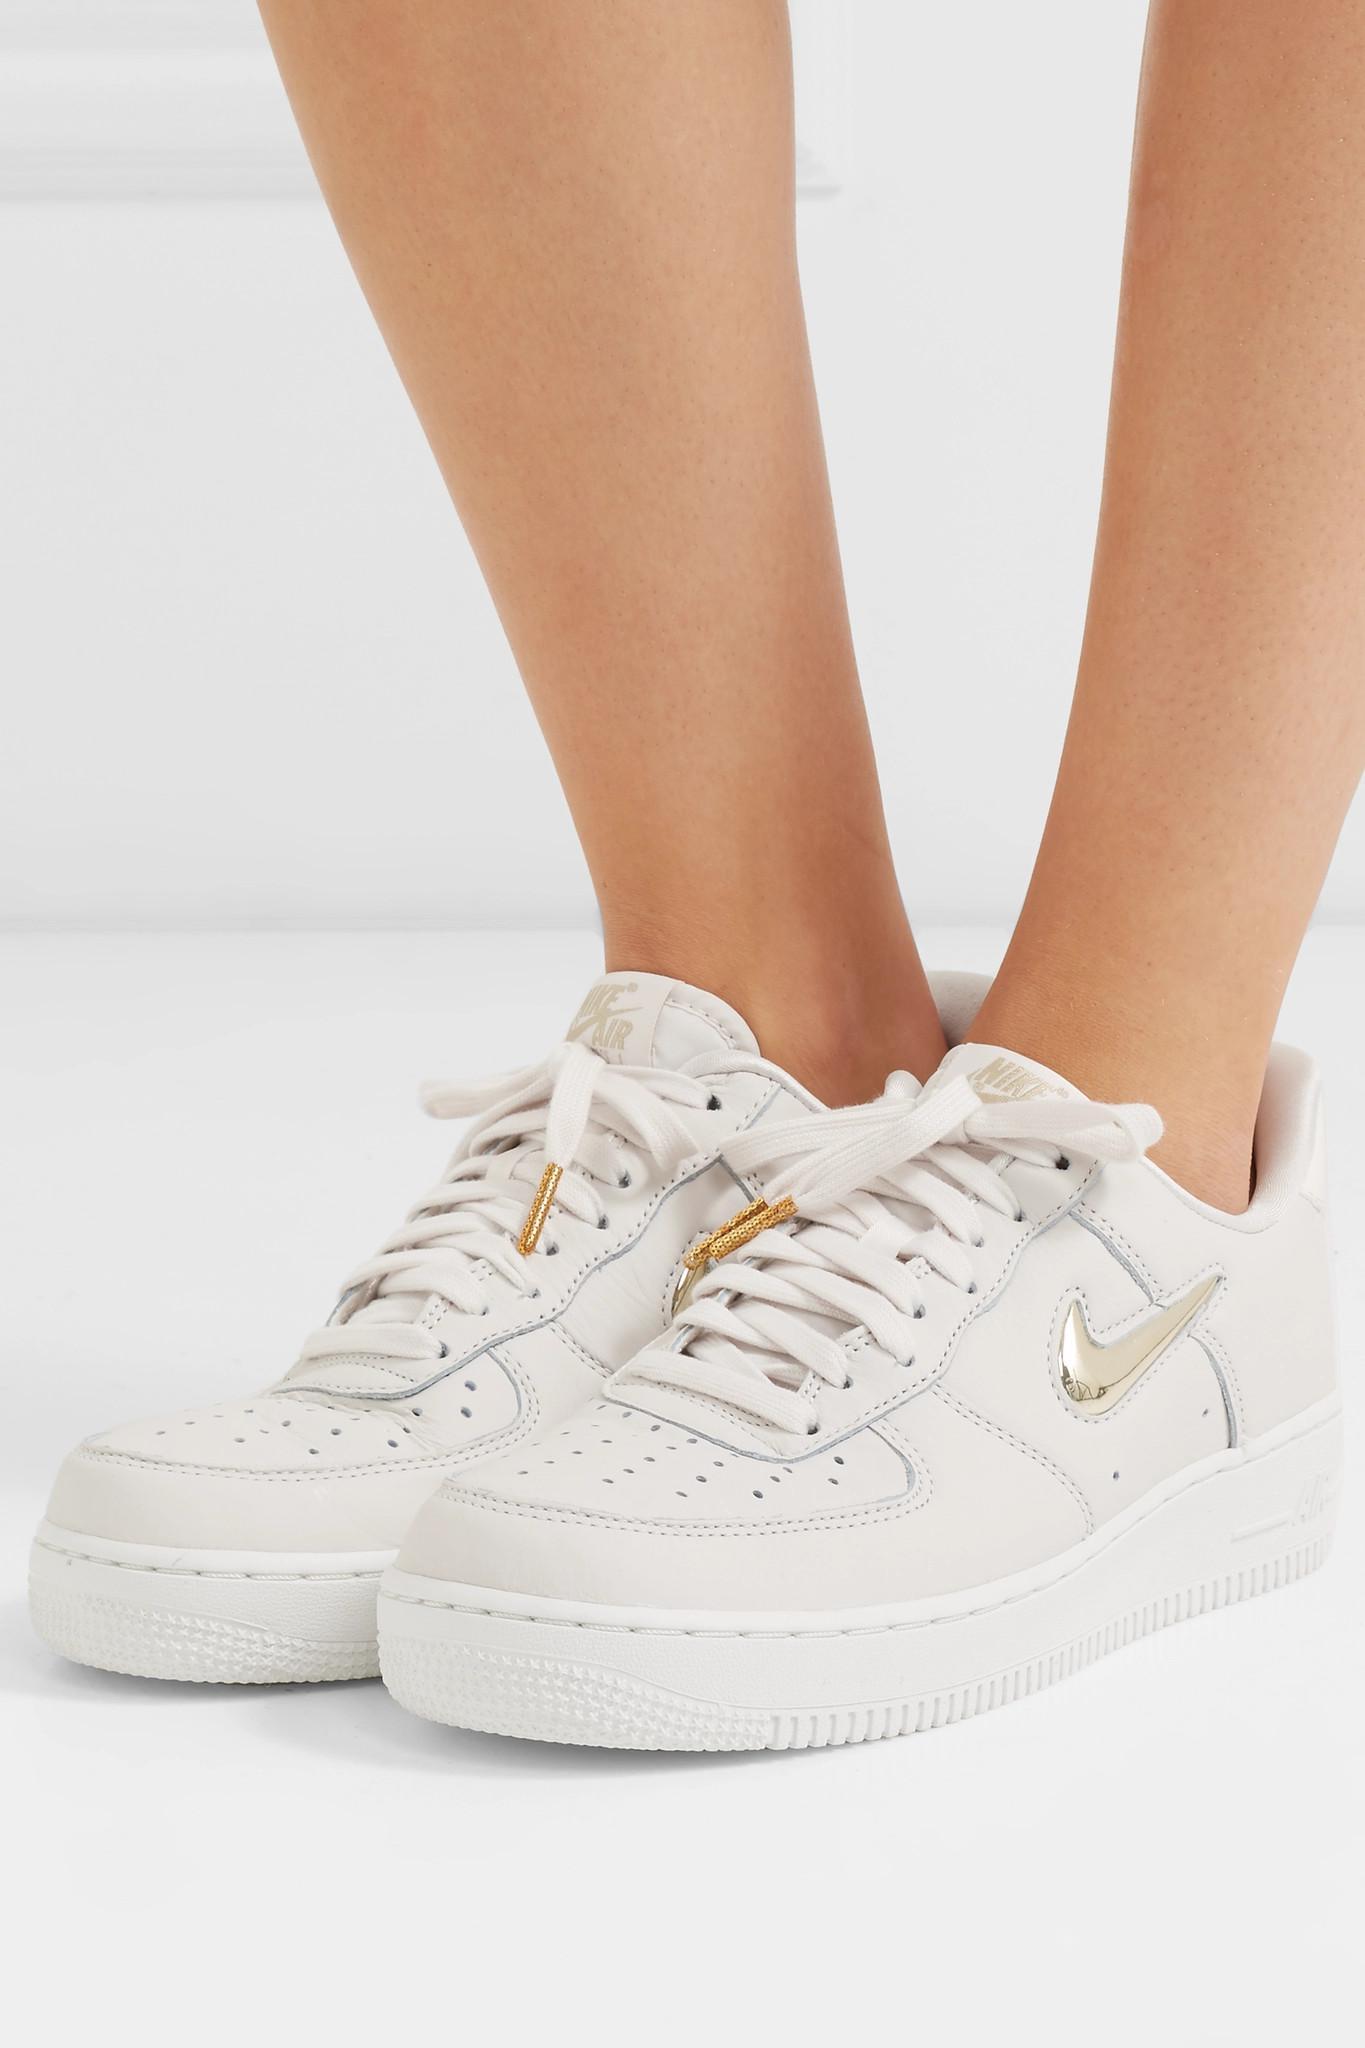 nike air force 1'07 premium sneakers in cream